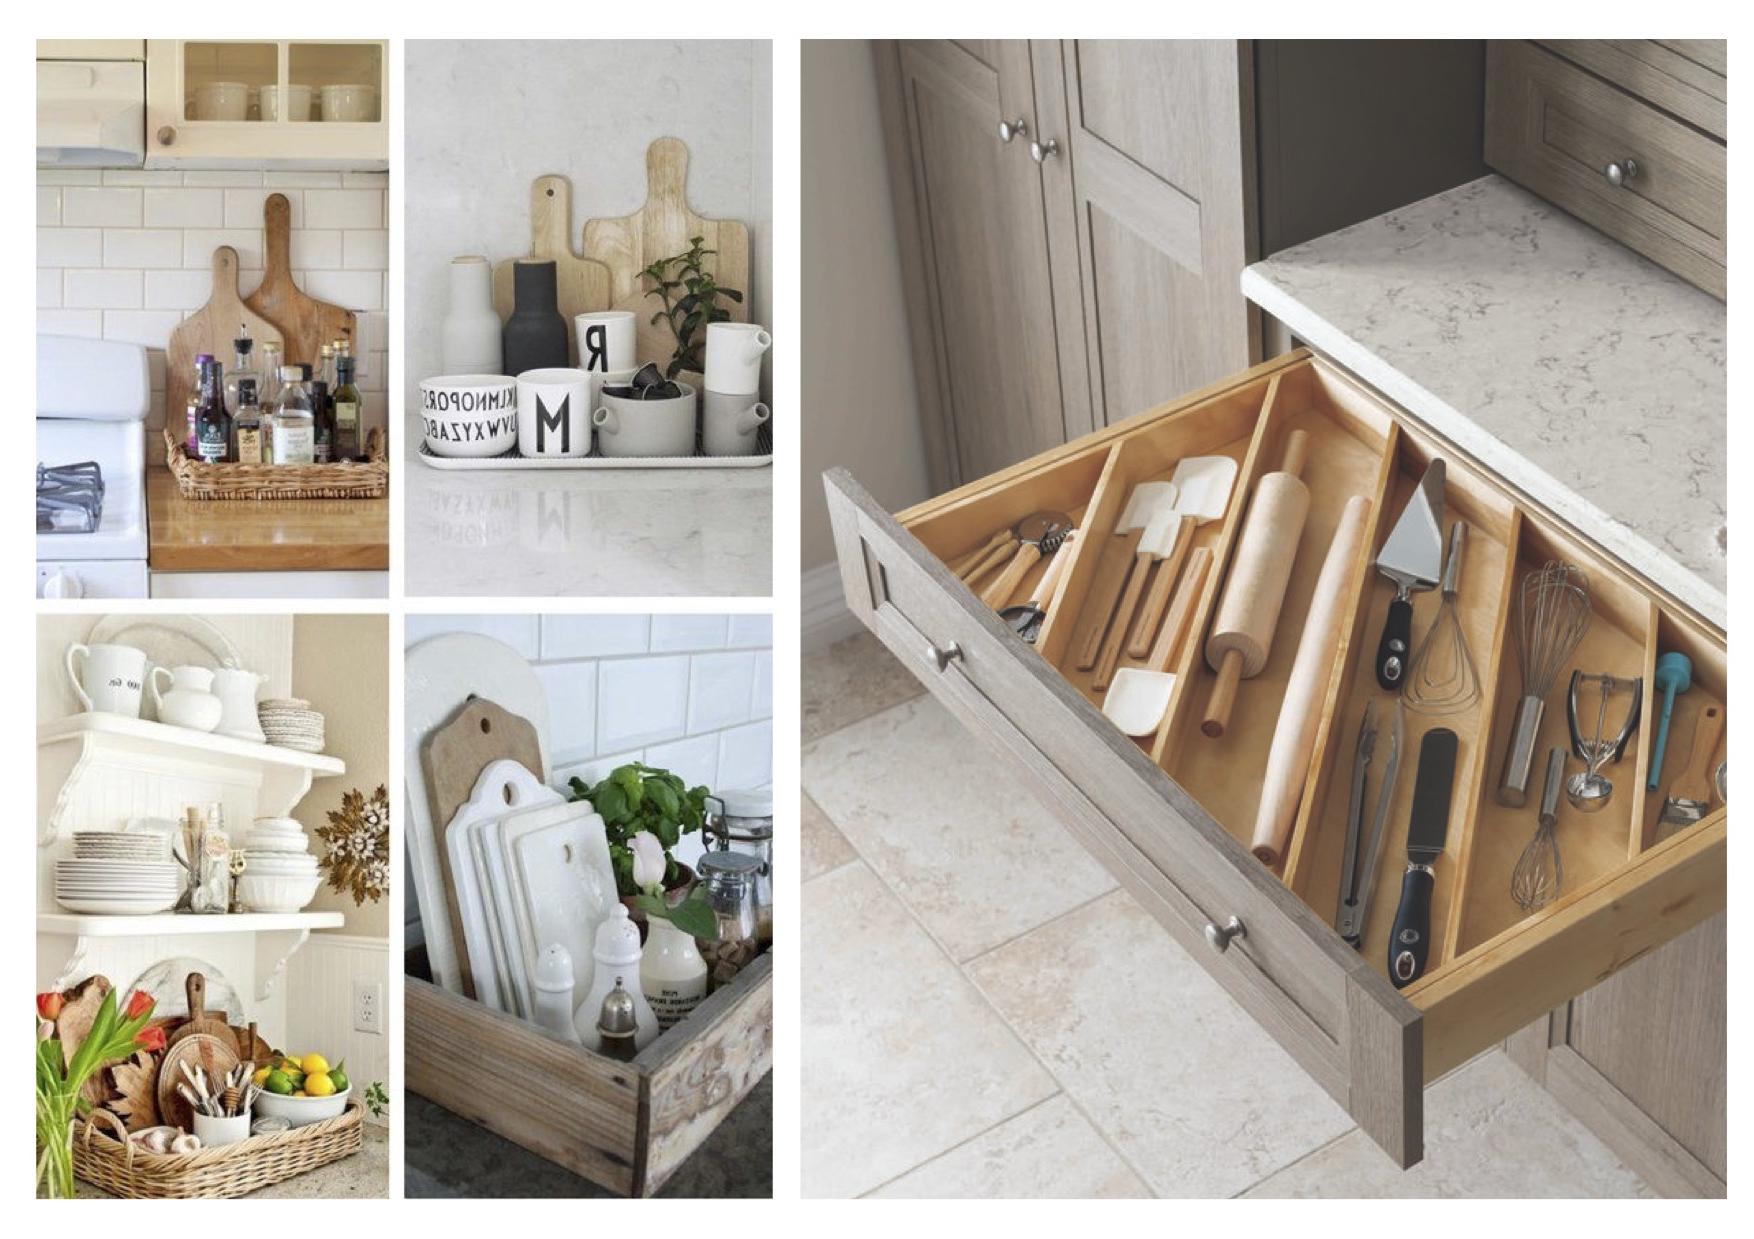 Pour une cuisine bien rangée, utiliser des boîtes de rangement dans les armoires